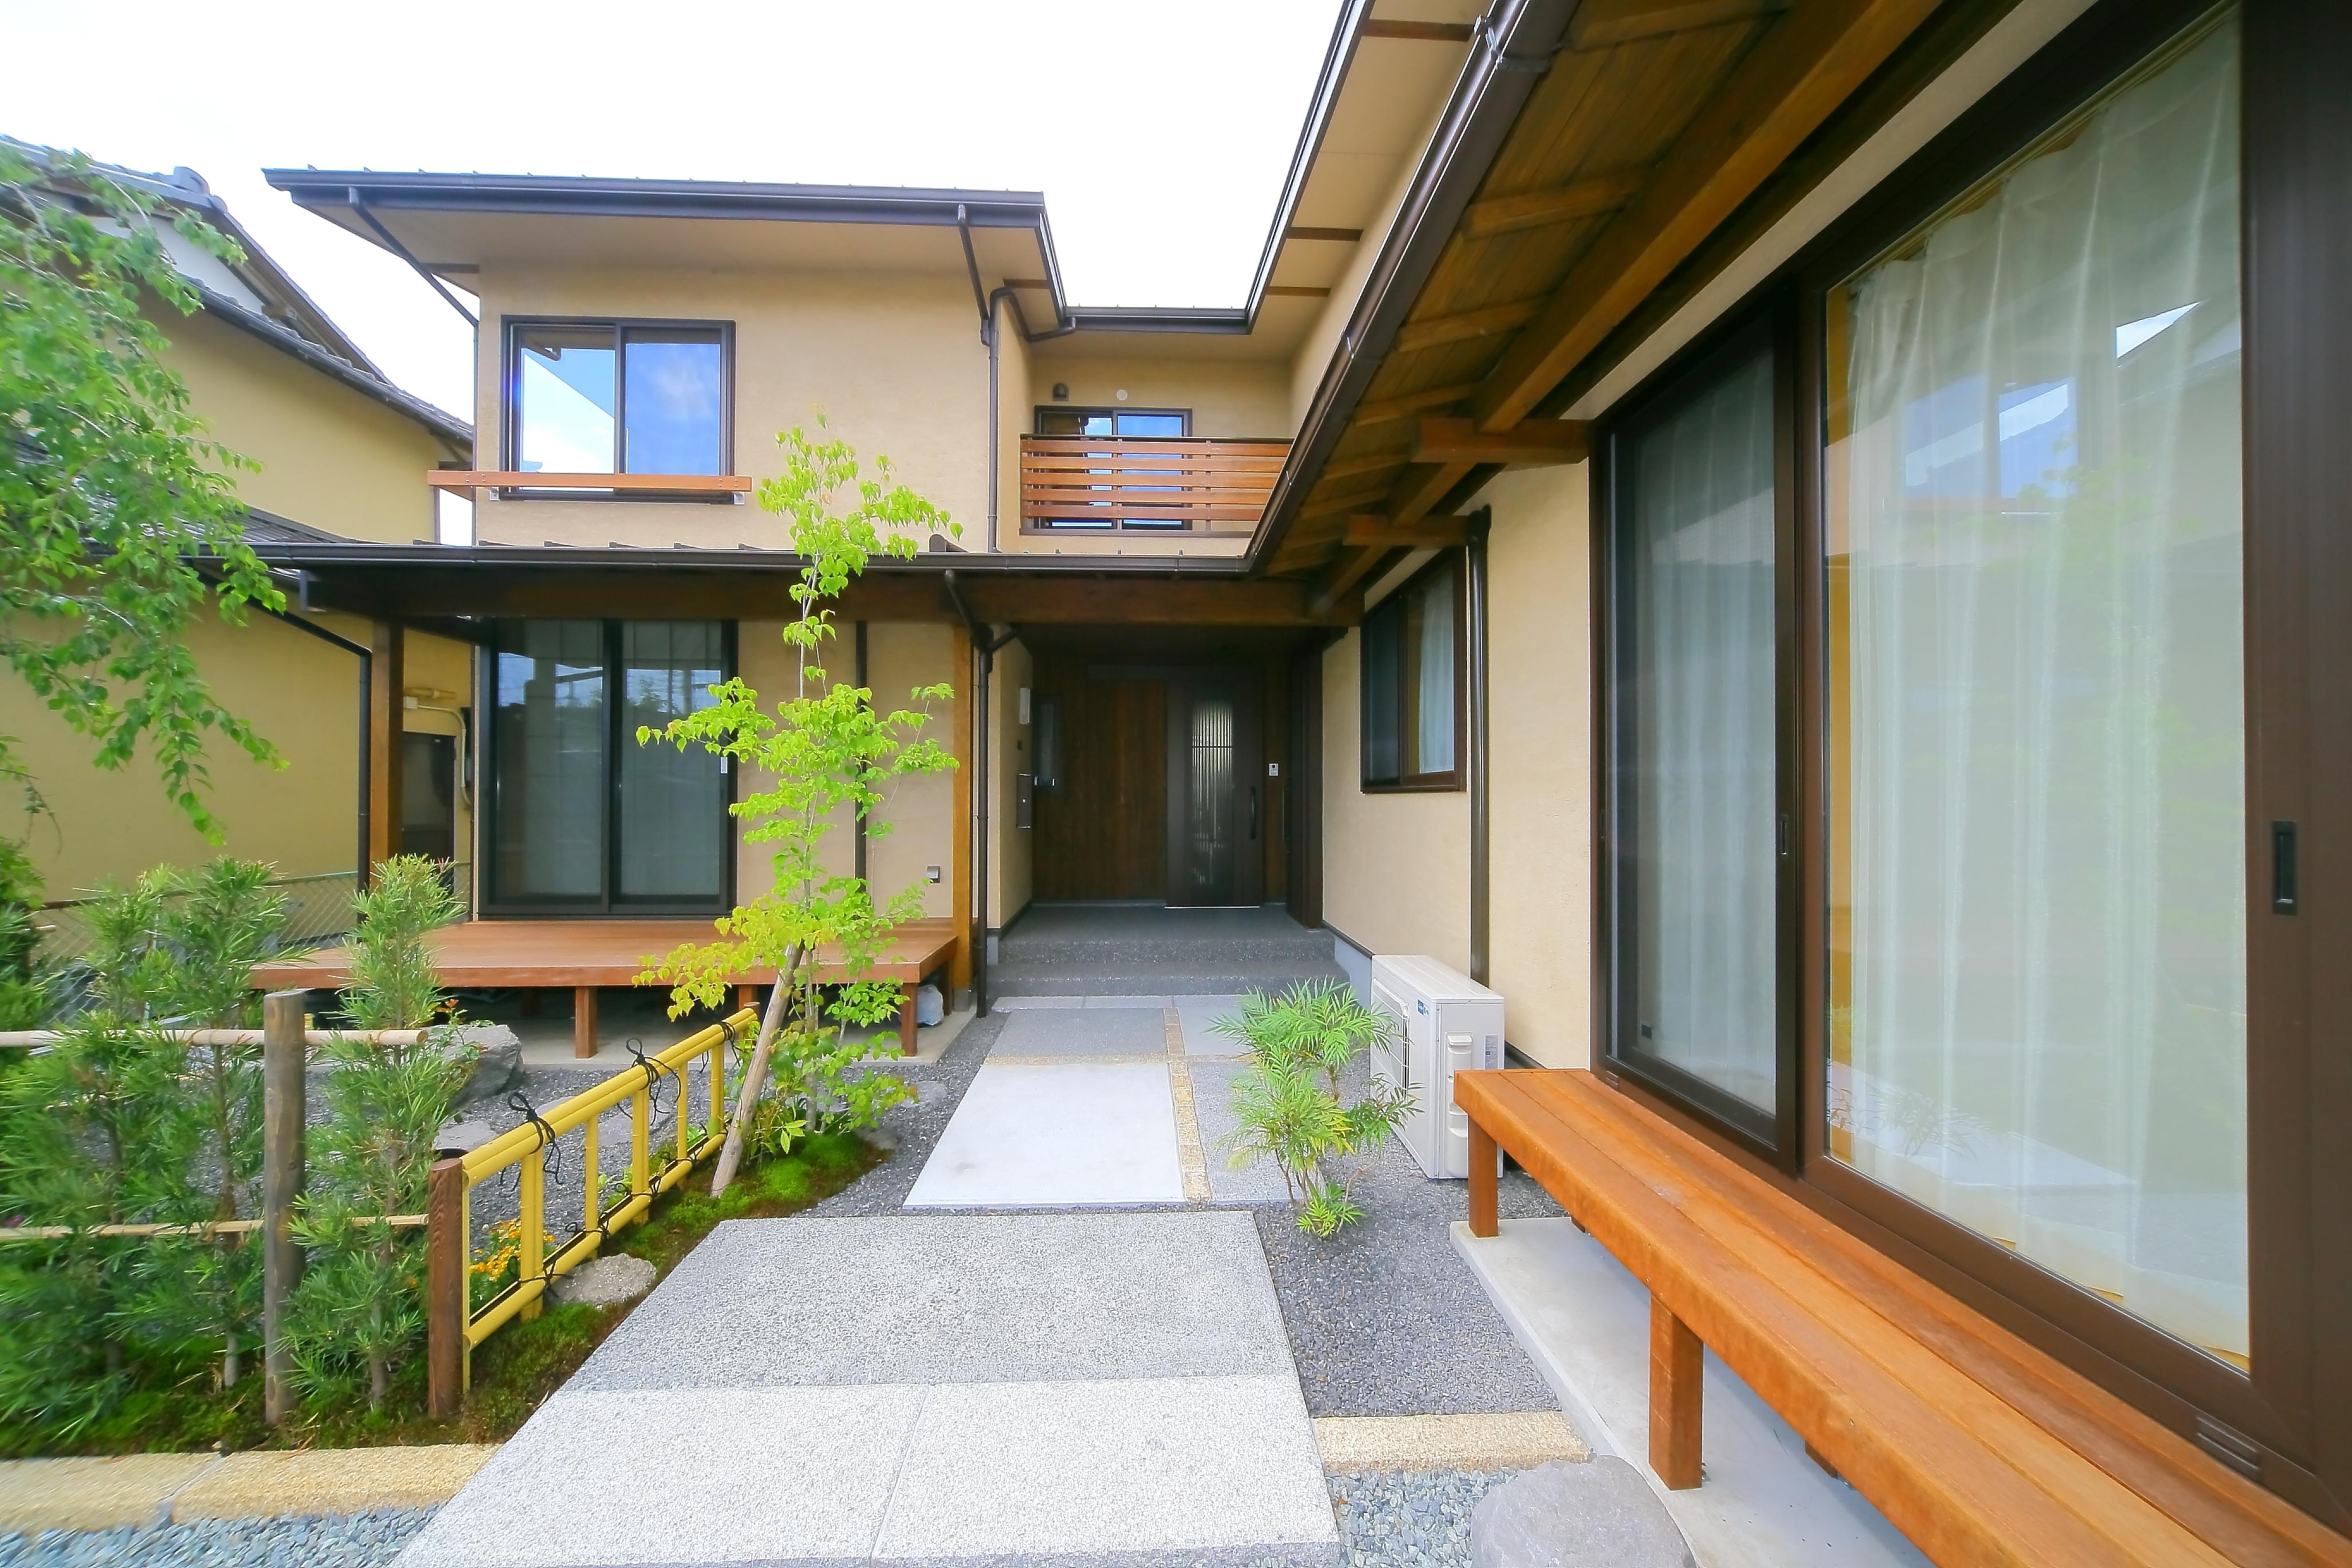 エコフィールド【二世帯住宅、自然素材、間取り】庭先から玄関まで、趣のあるアプローチがゲストを迎え入れる